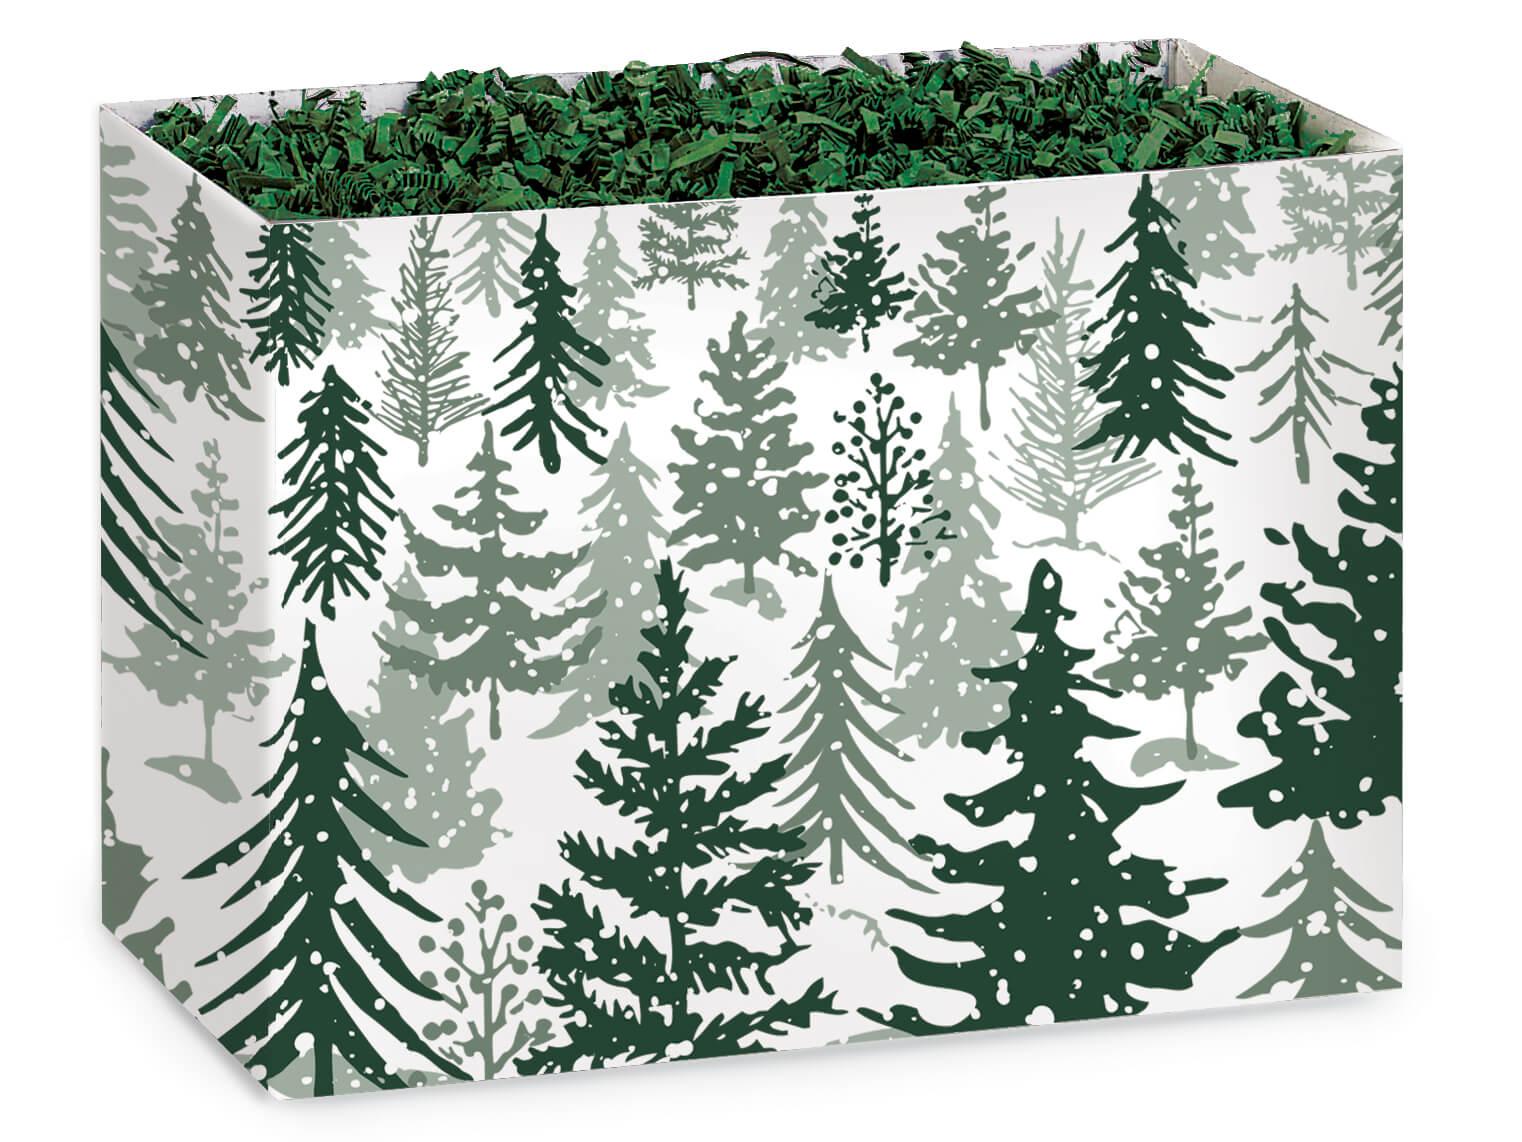 Snowy Pine Basket Boxes